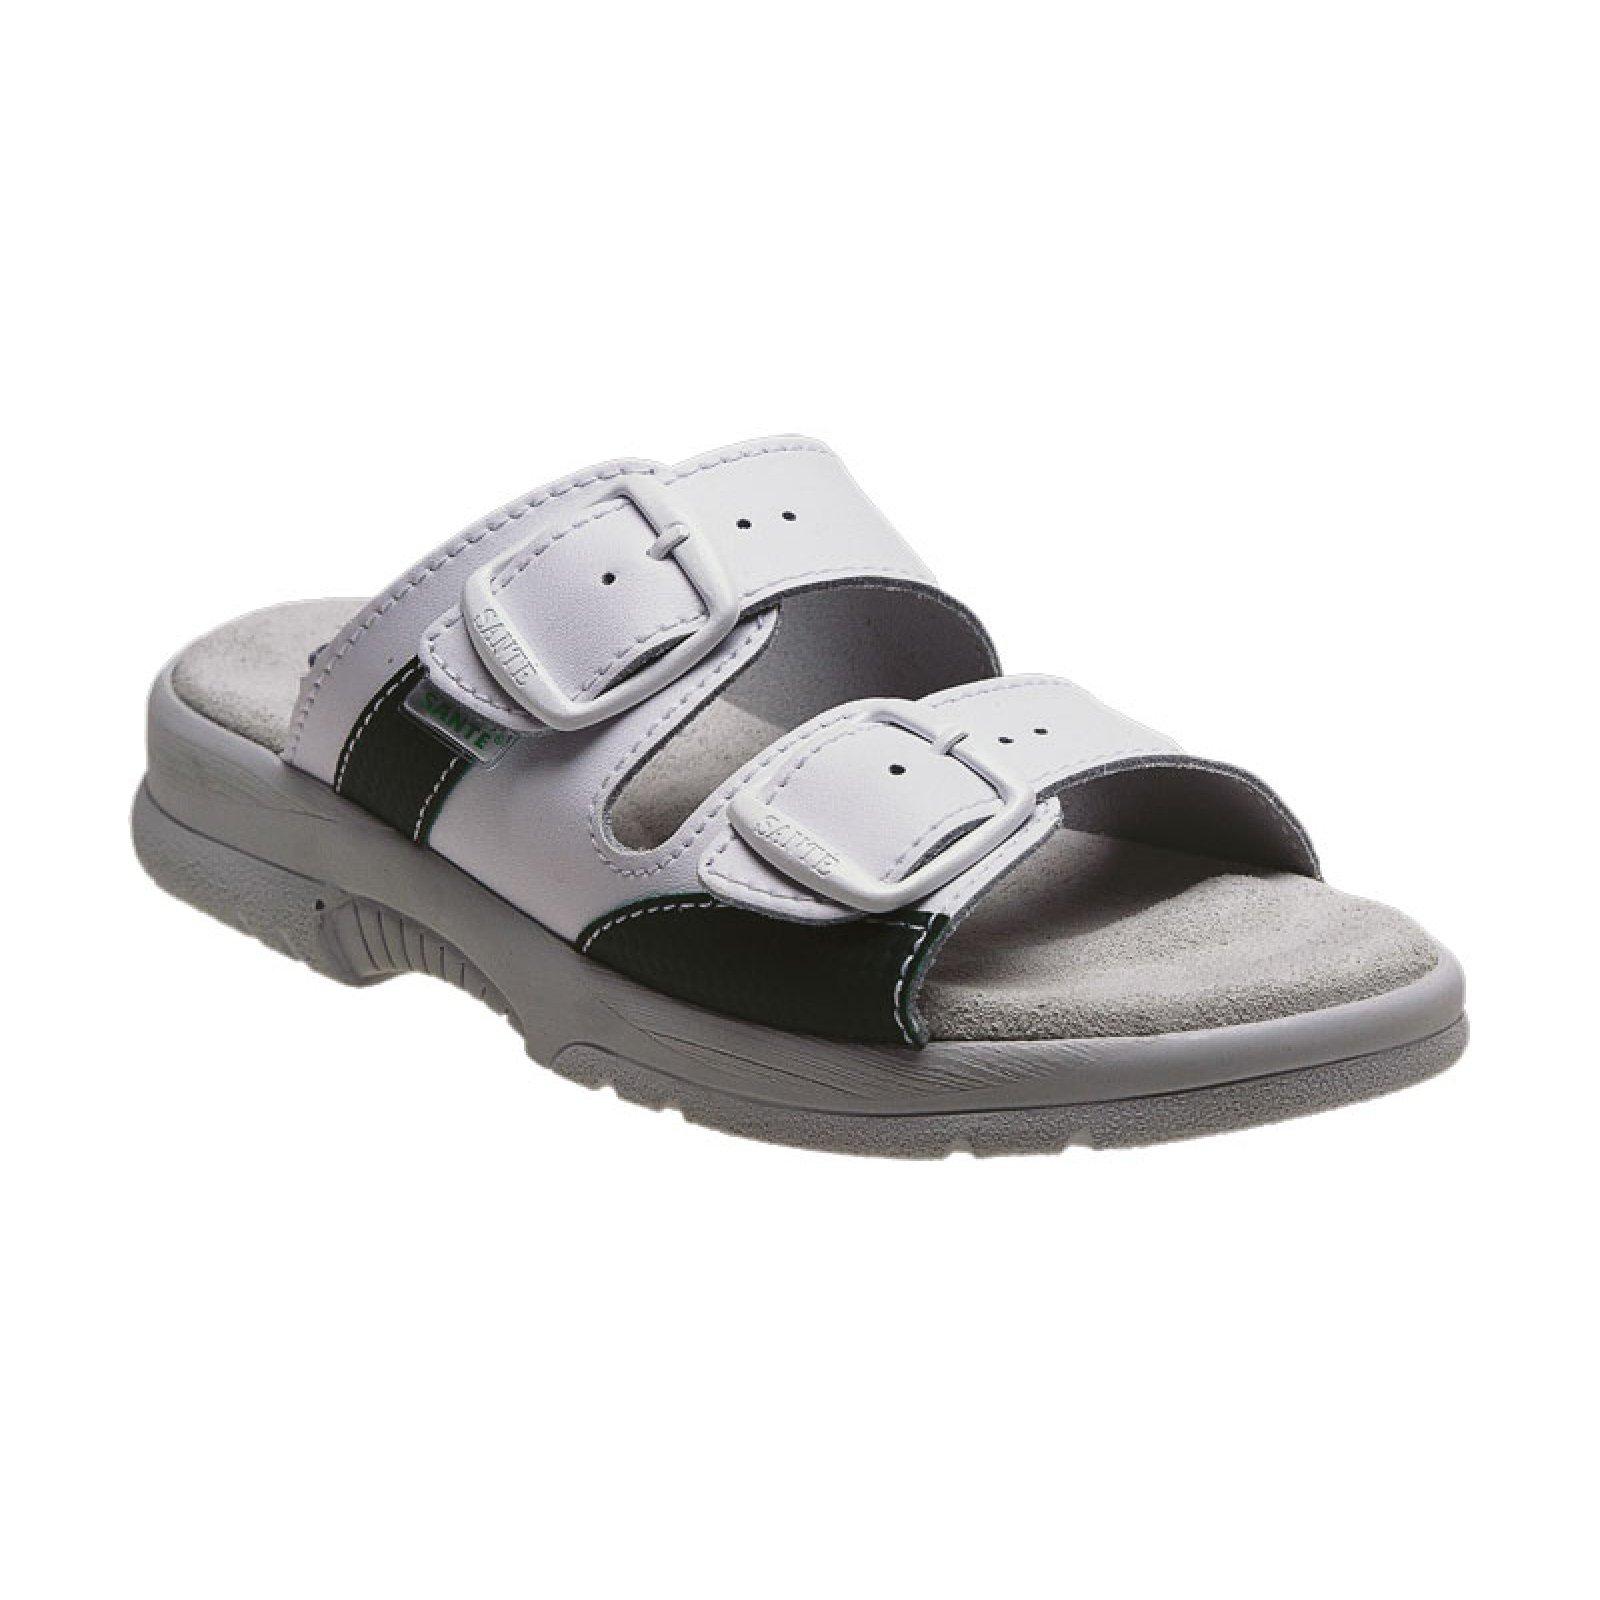 pánské pantofle Santé 517 35 10 bílé 3fe8541361